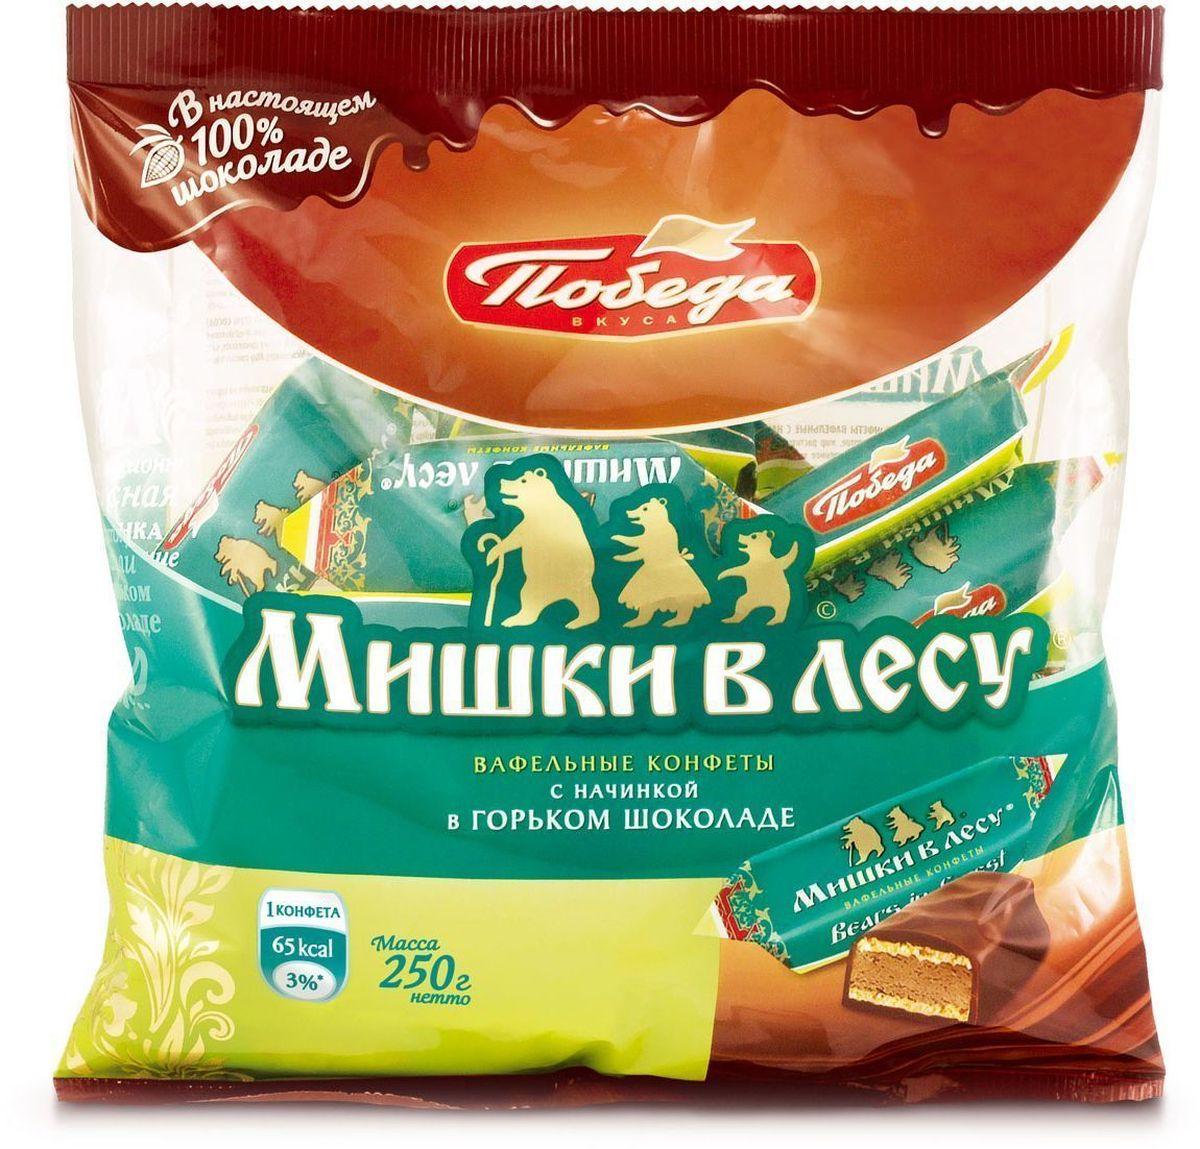 Победа вкуса Мишки в лесу вафельные конфеты с начинкой в горьком шоколаде (72%), 250 г шармэль зефир классический в шоколаде новогоднее оформление 250 г